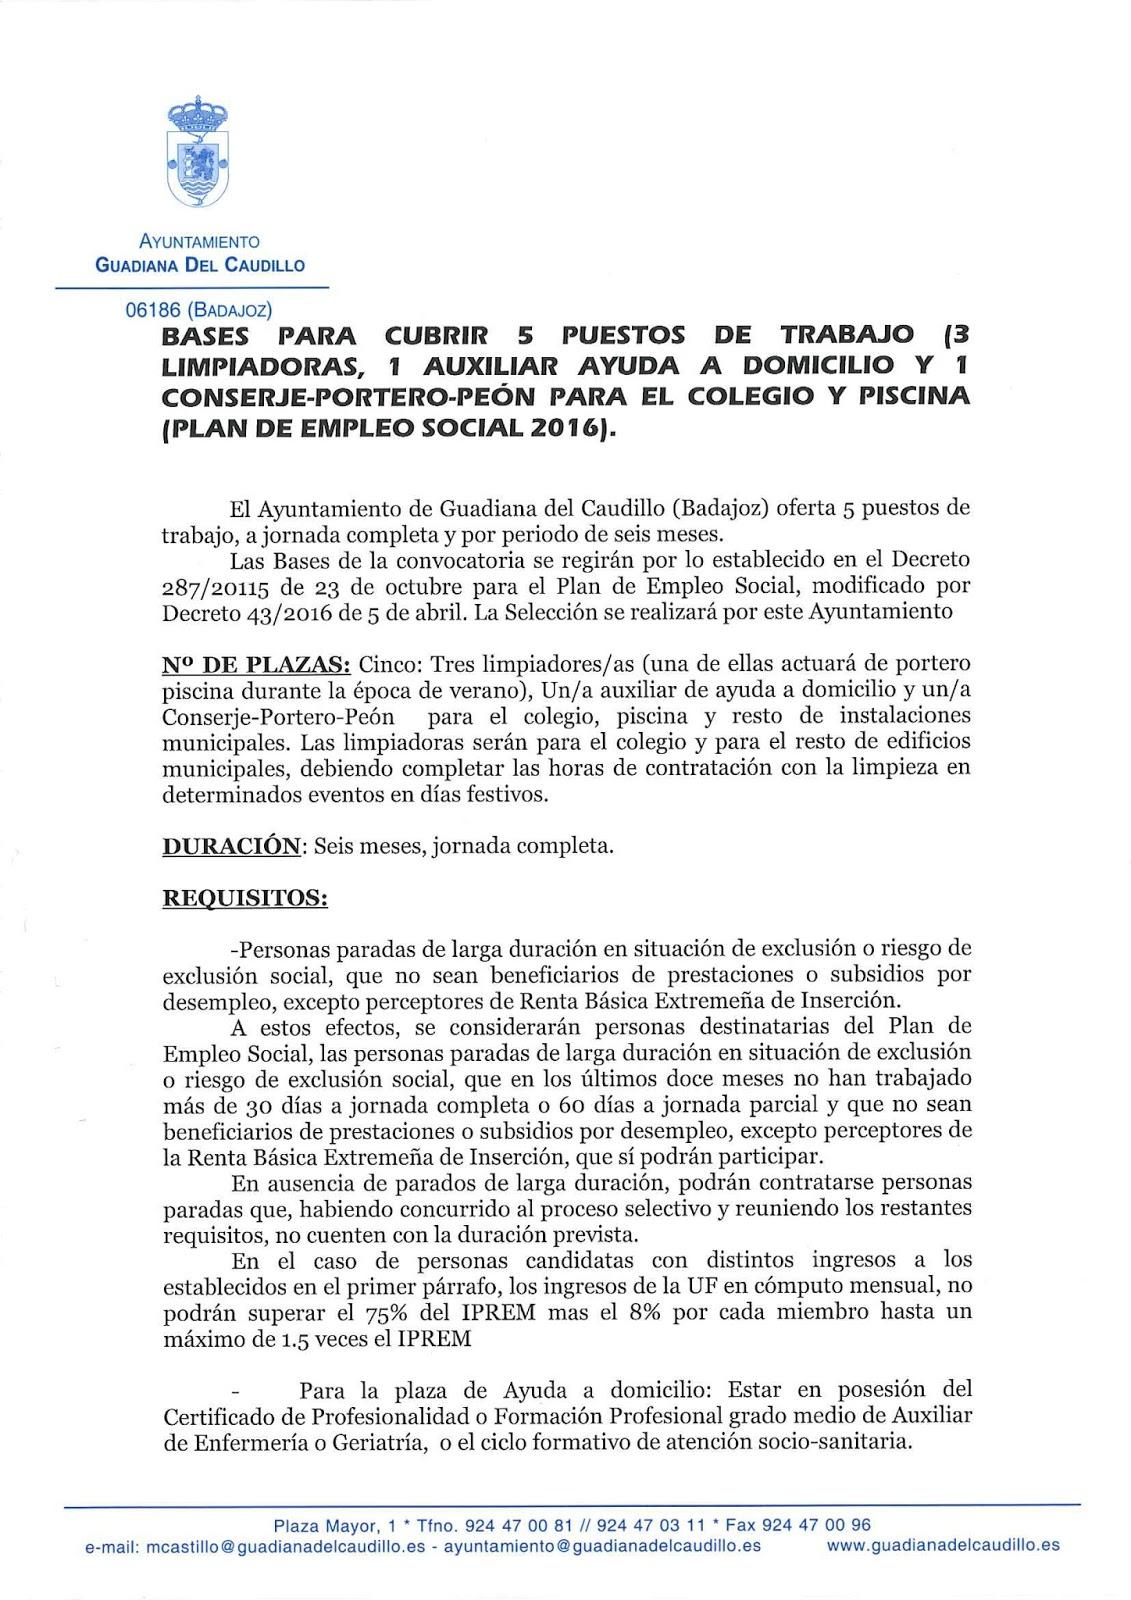 Vistoso Ejemplos De Reanudar Para Conserje Viñeta - Ejemplo De ...